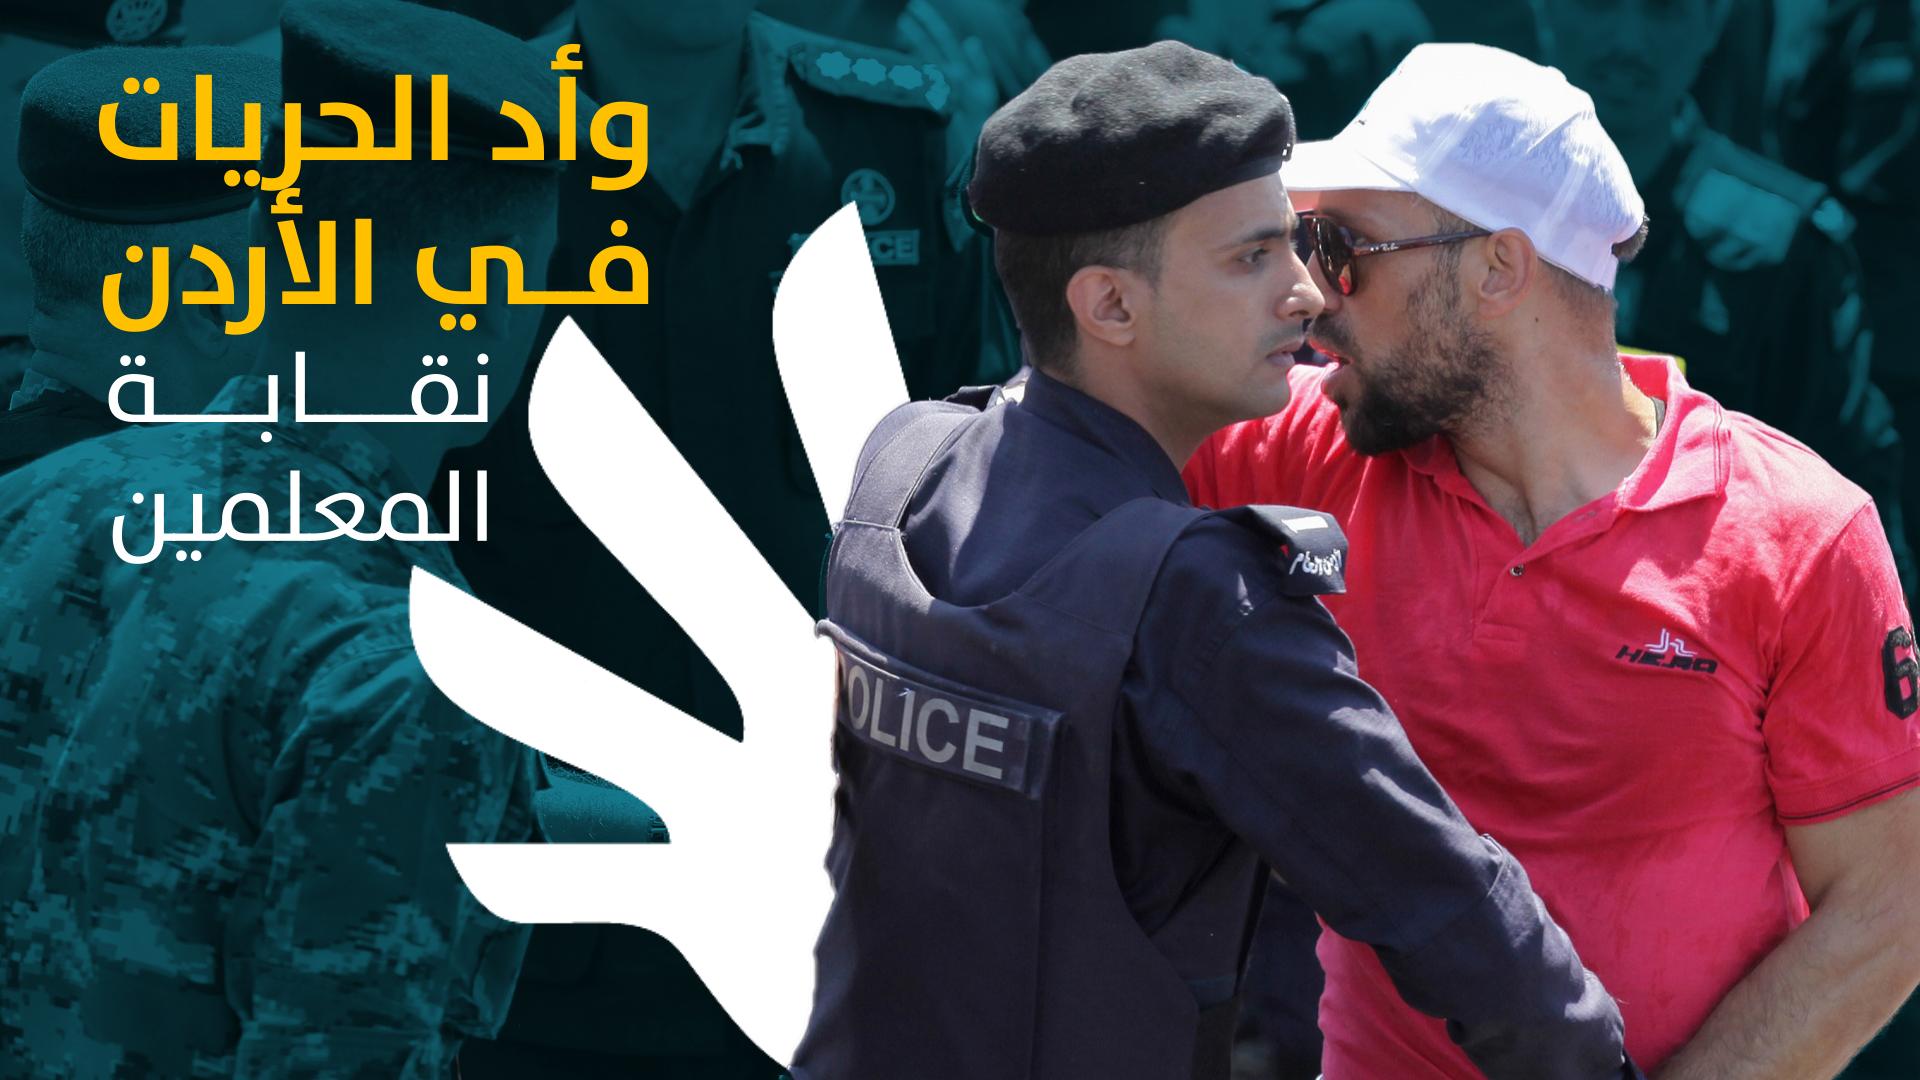 أزمة نقابة المعلّمين في الأردن